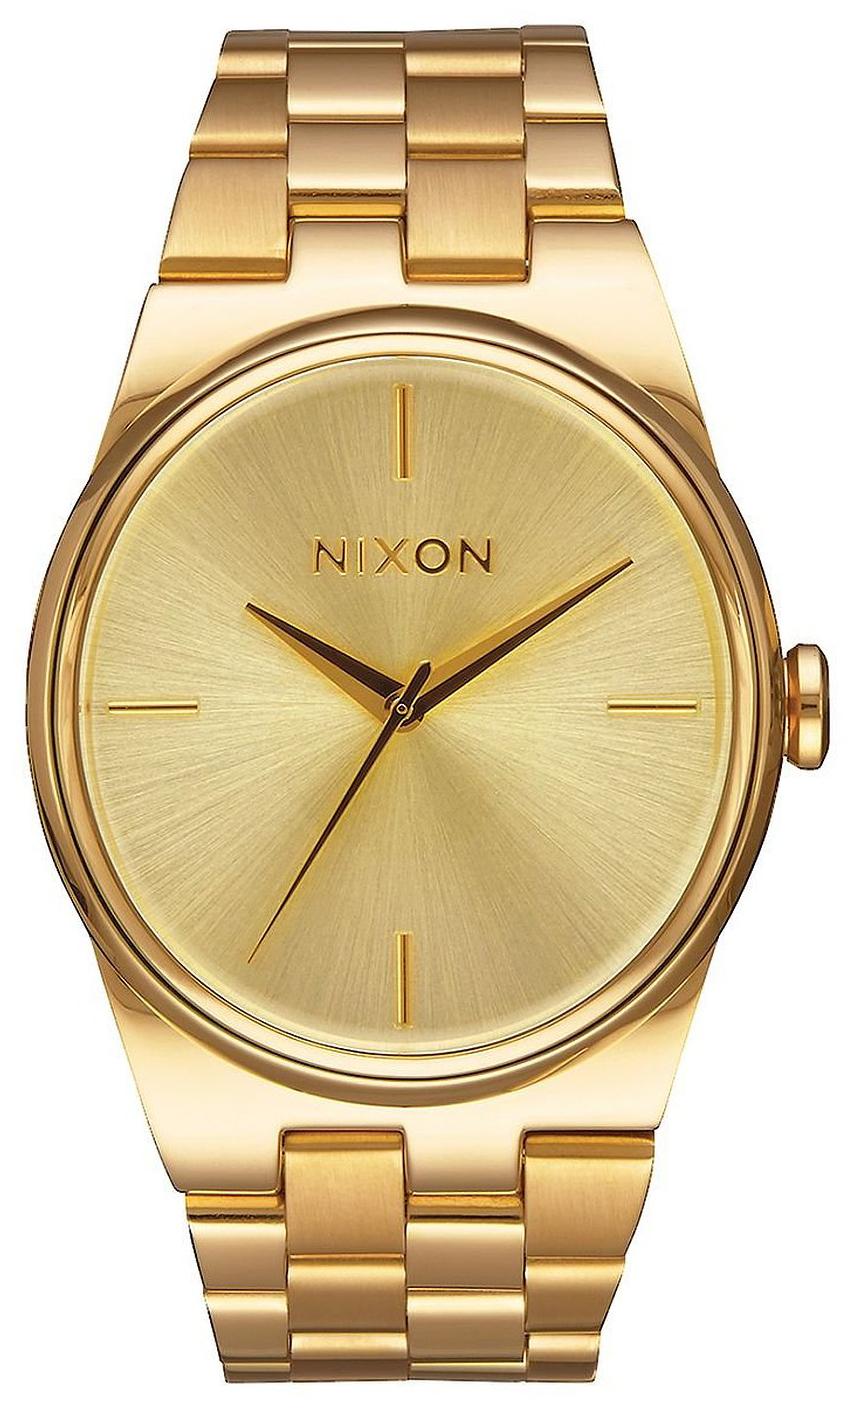 Nixon 99999 Damklocka A953502-00 Gulguldstonad/Gulguldtonat stål Ø32 mm - Nixon